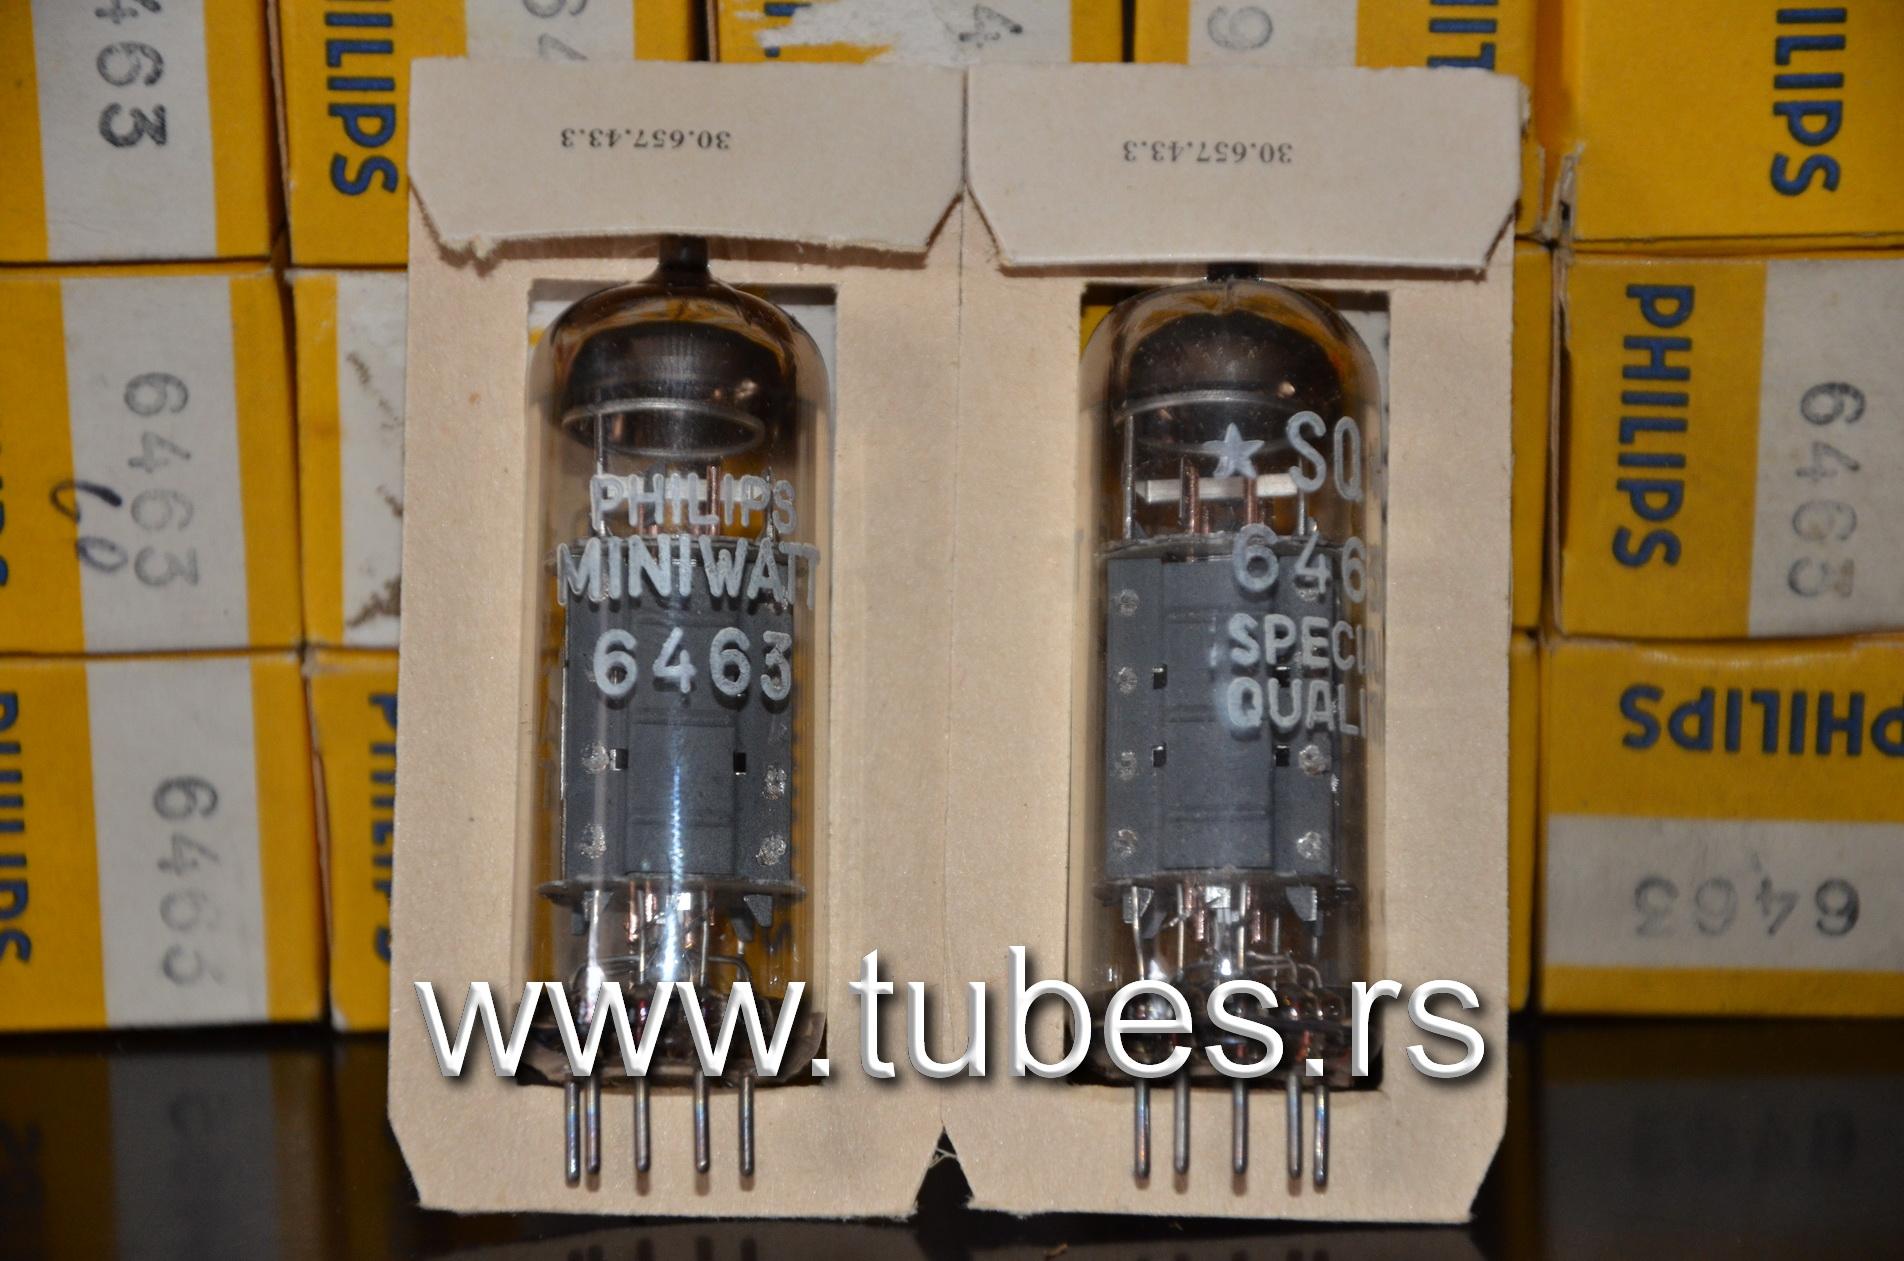 6463 Philips Miniwatt Audio Tekn